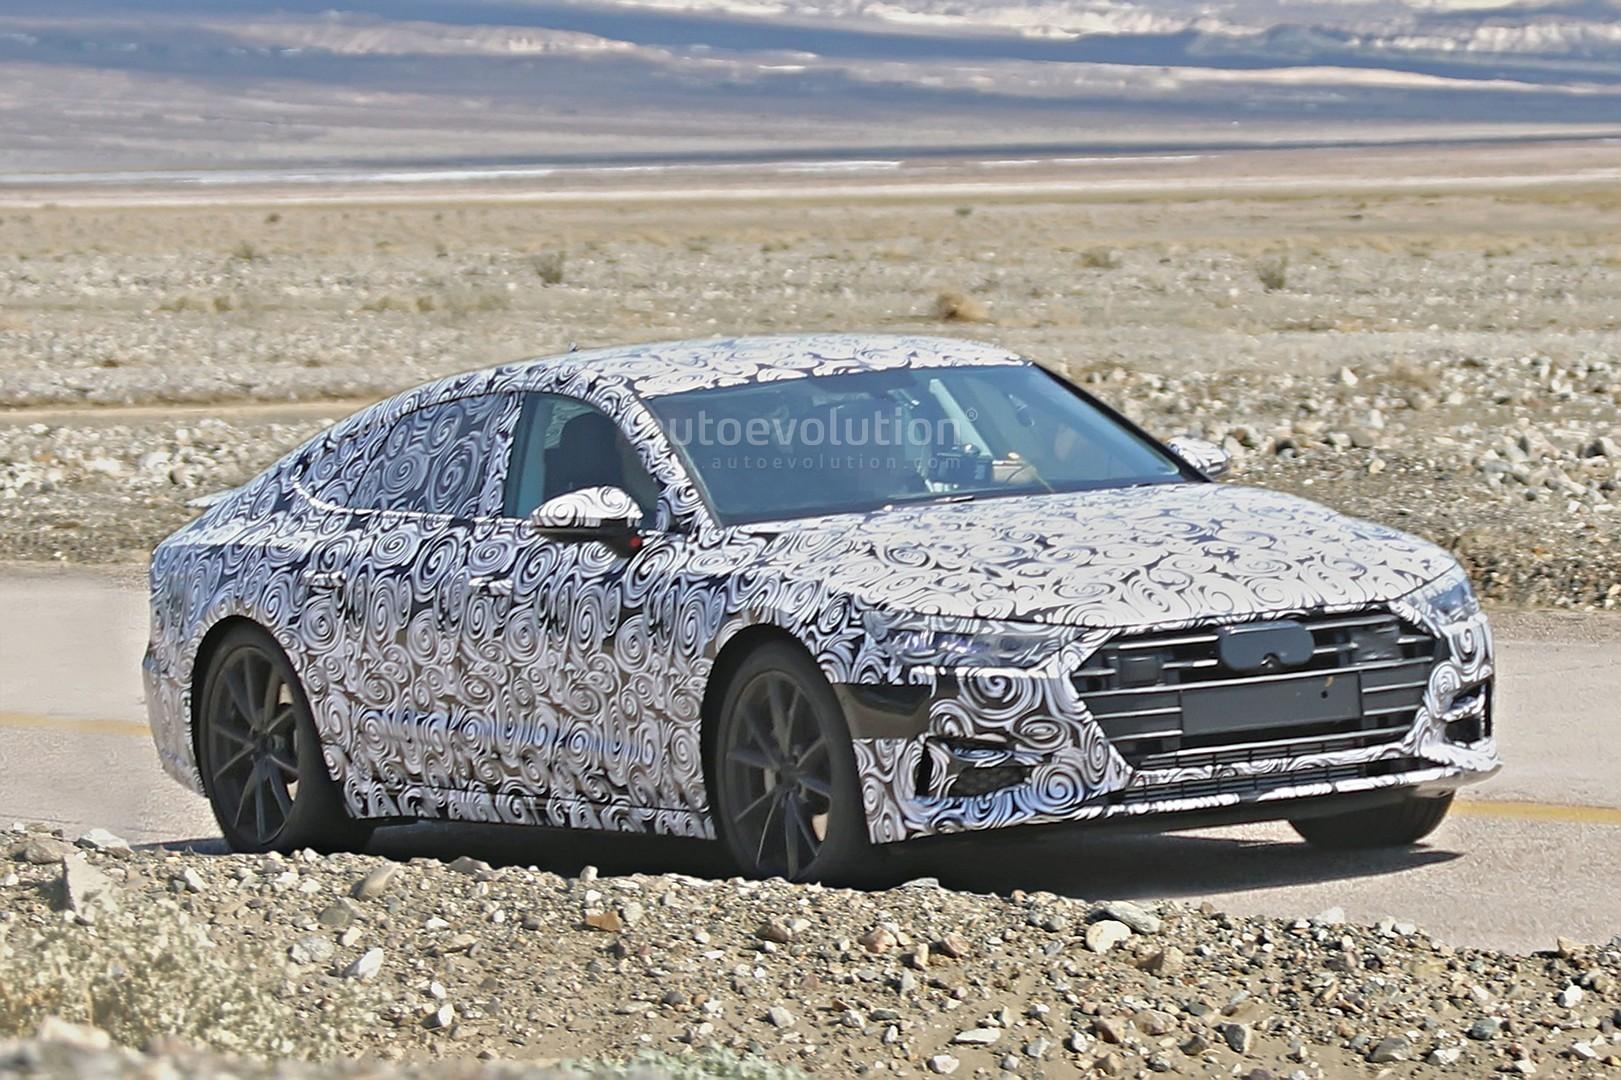 2019 Audi A7 Sportback Debuts On October 19 Teaser